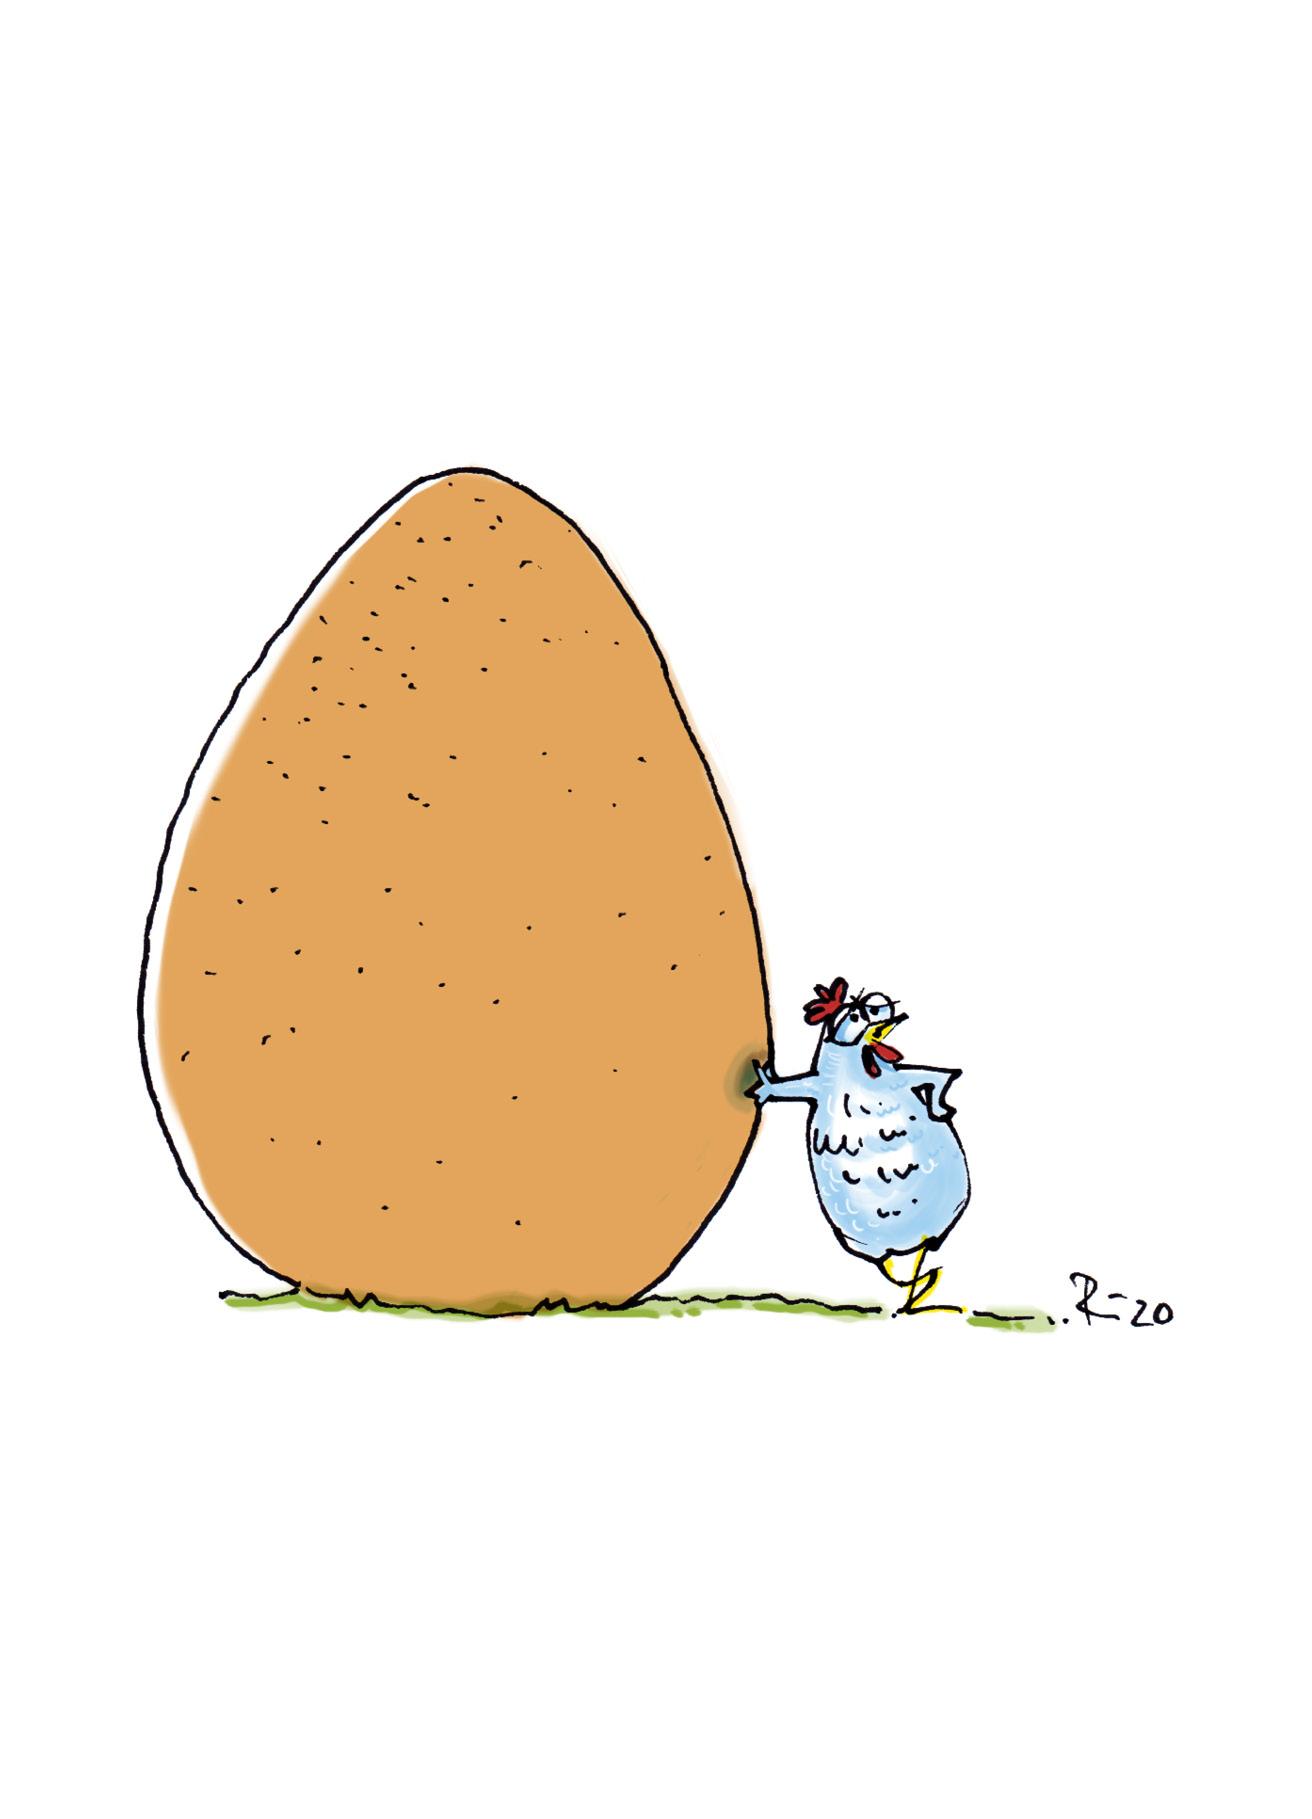 Ach, du dickes Ei!